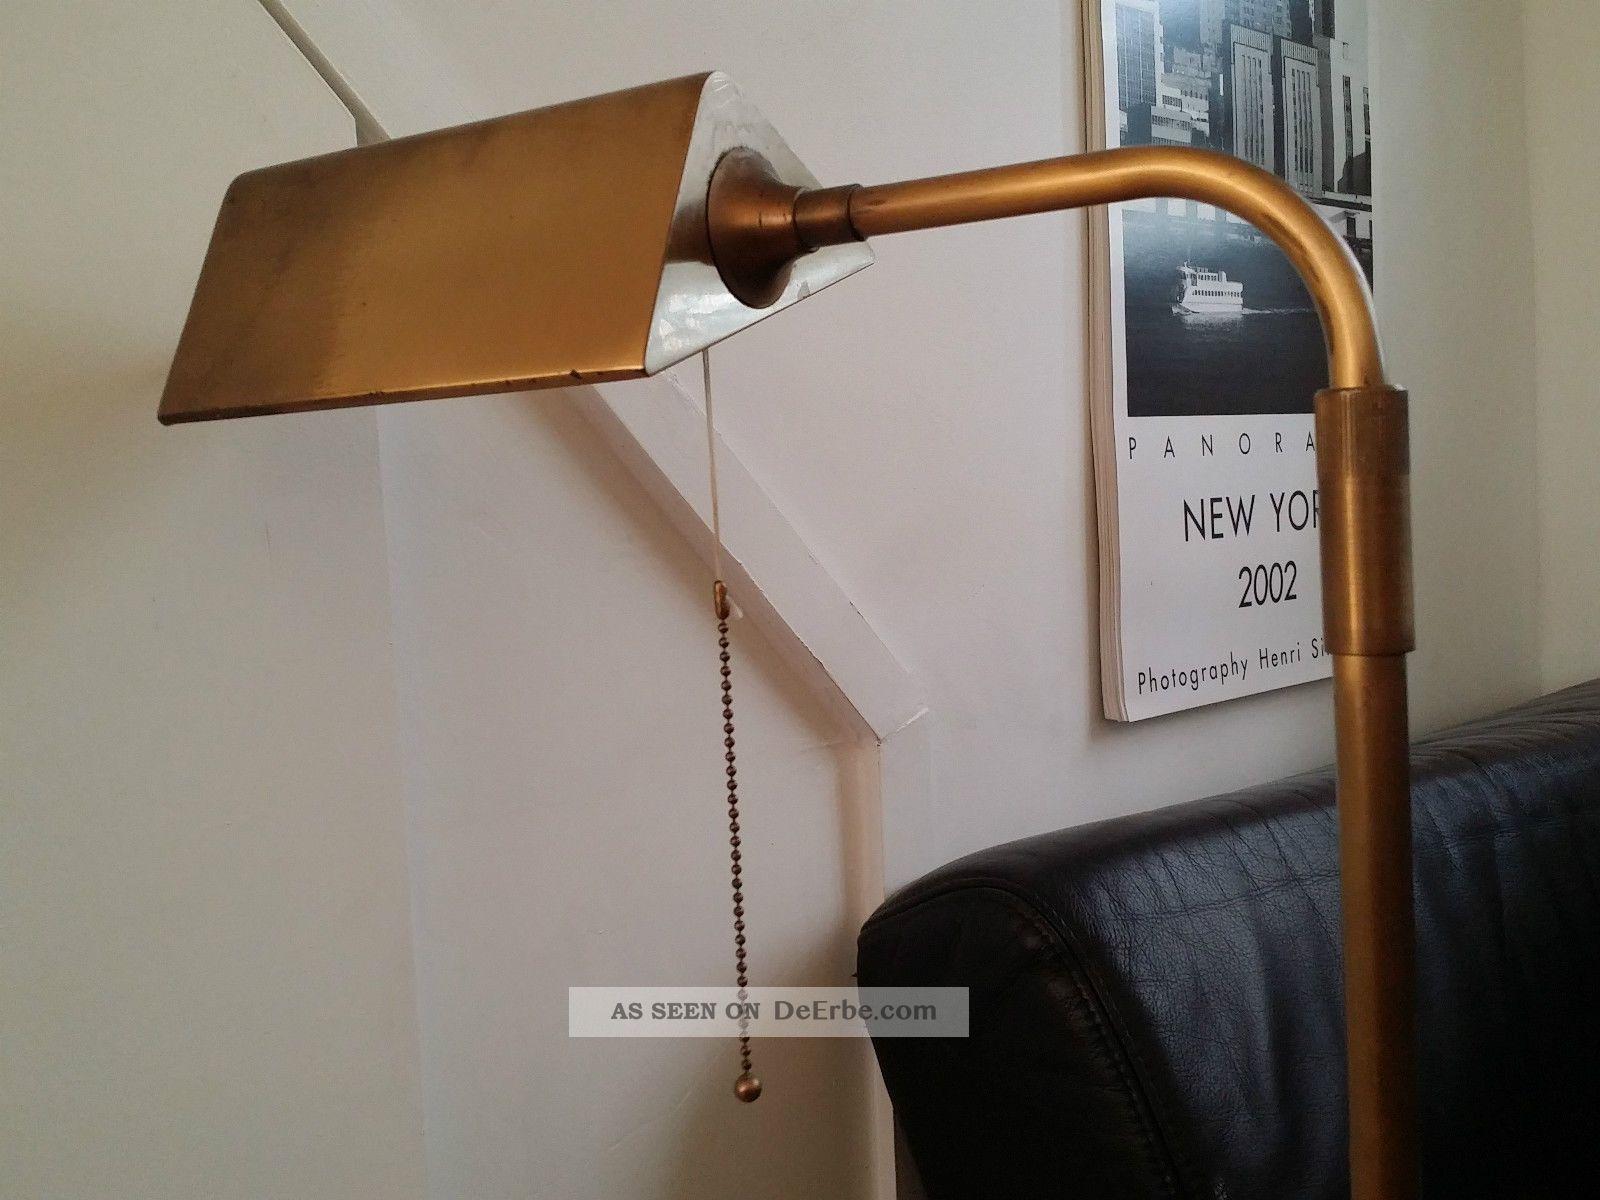 Bauhaus 1970er Jahre Stehlampe Stehleuchte Lampe Form Leuchte